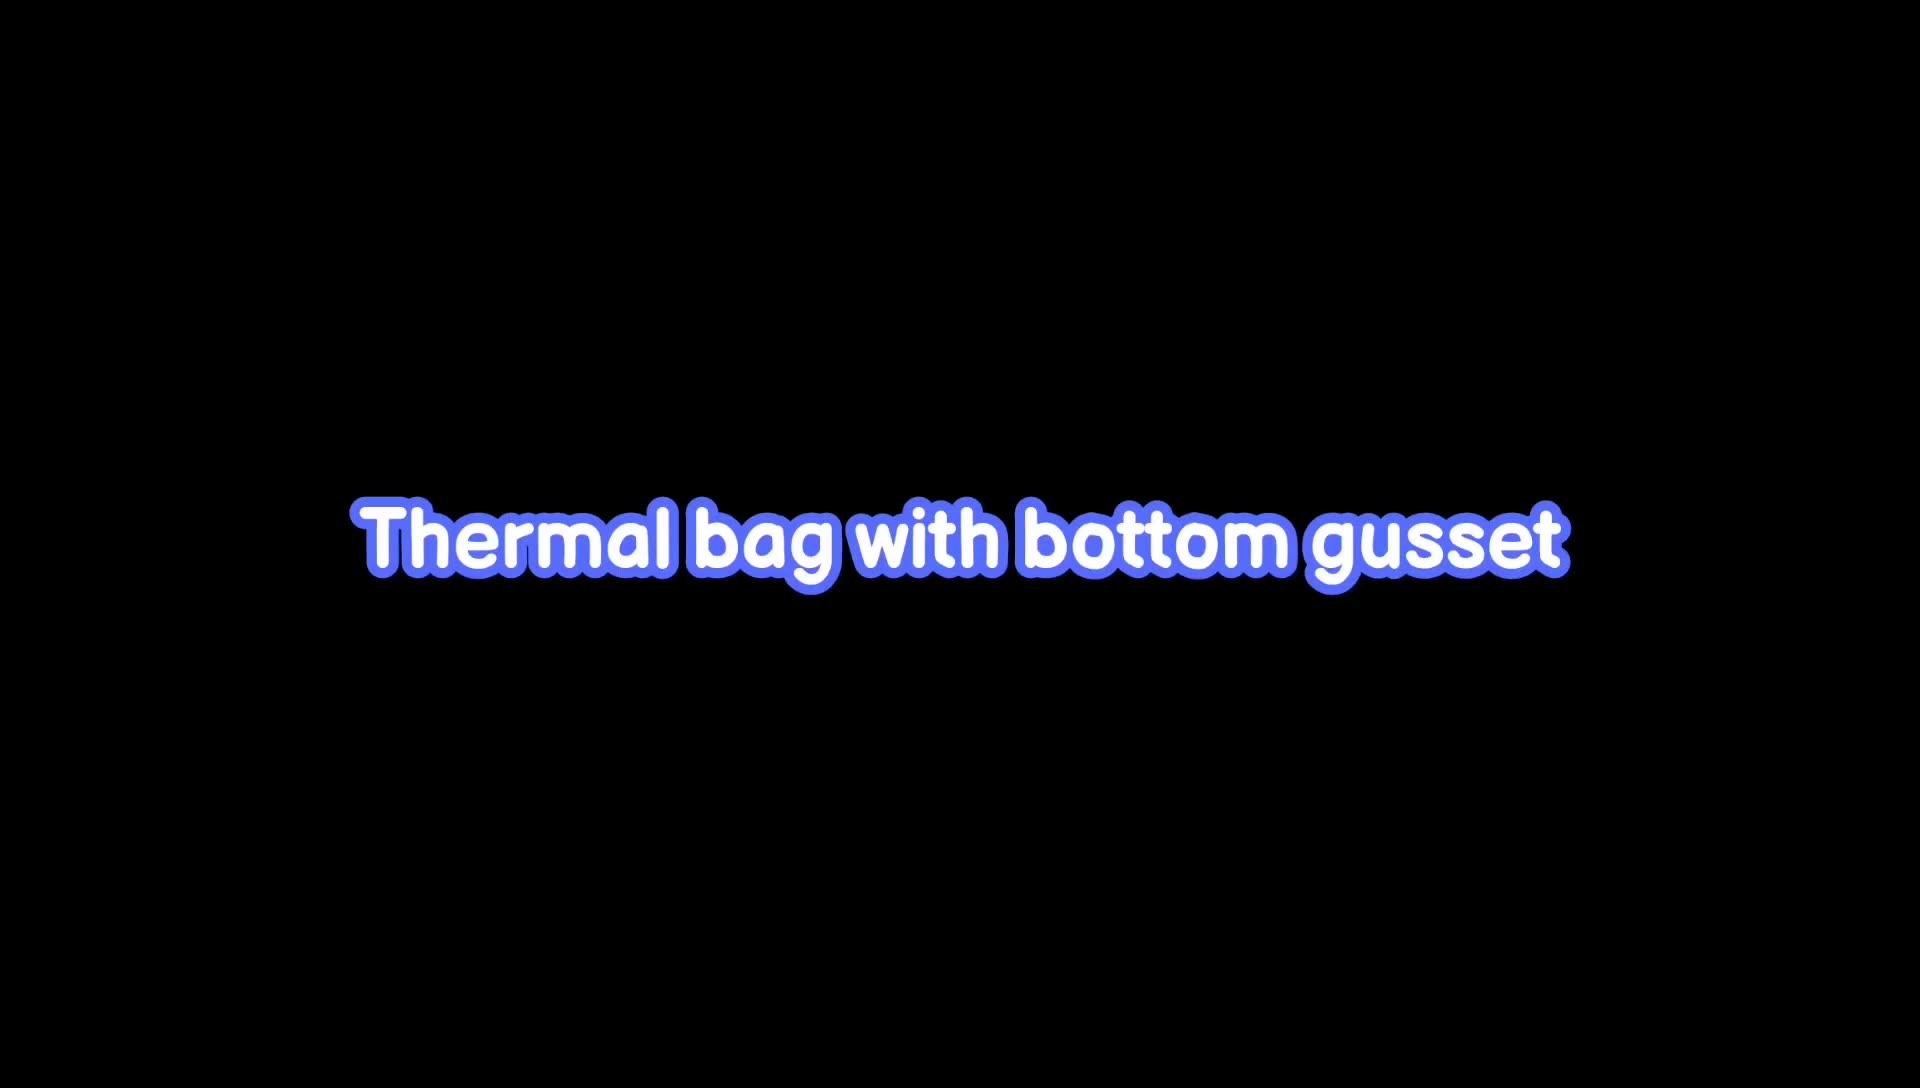 Sacos de Sacos de Cooler de Alumínio Quente E Frio Térmica Térmica de prata Para O Transporte